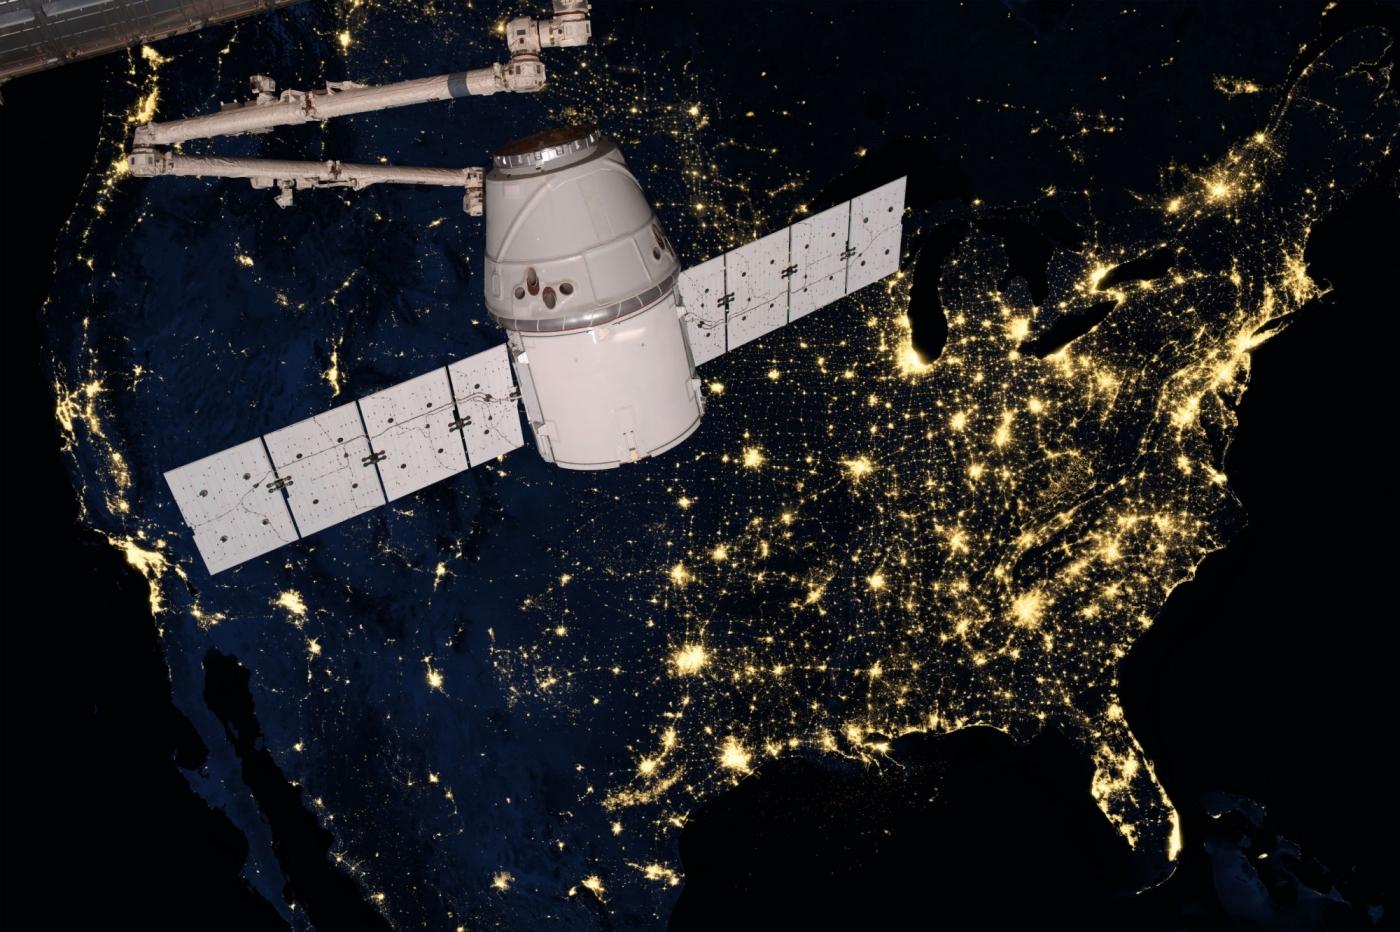 台灣第一部太空相關法規「太空發展法」送立院審議,科技部將為主管機關